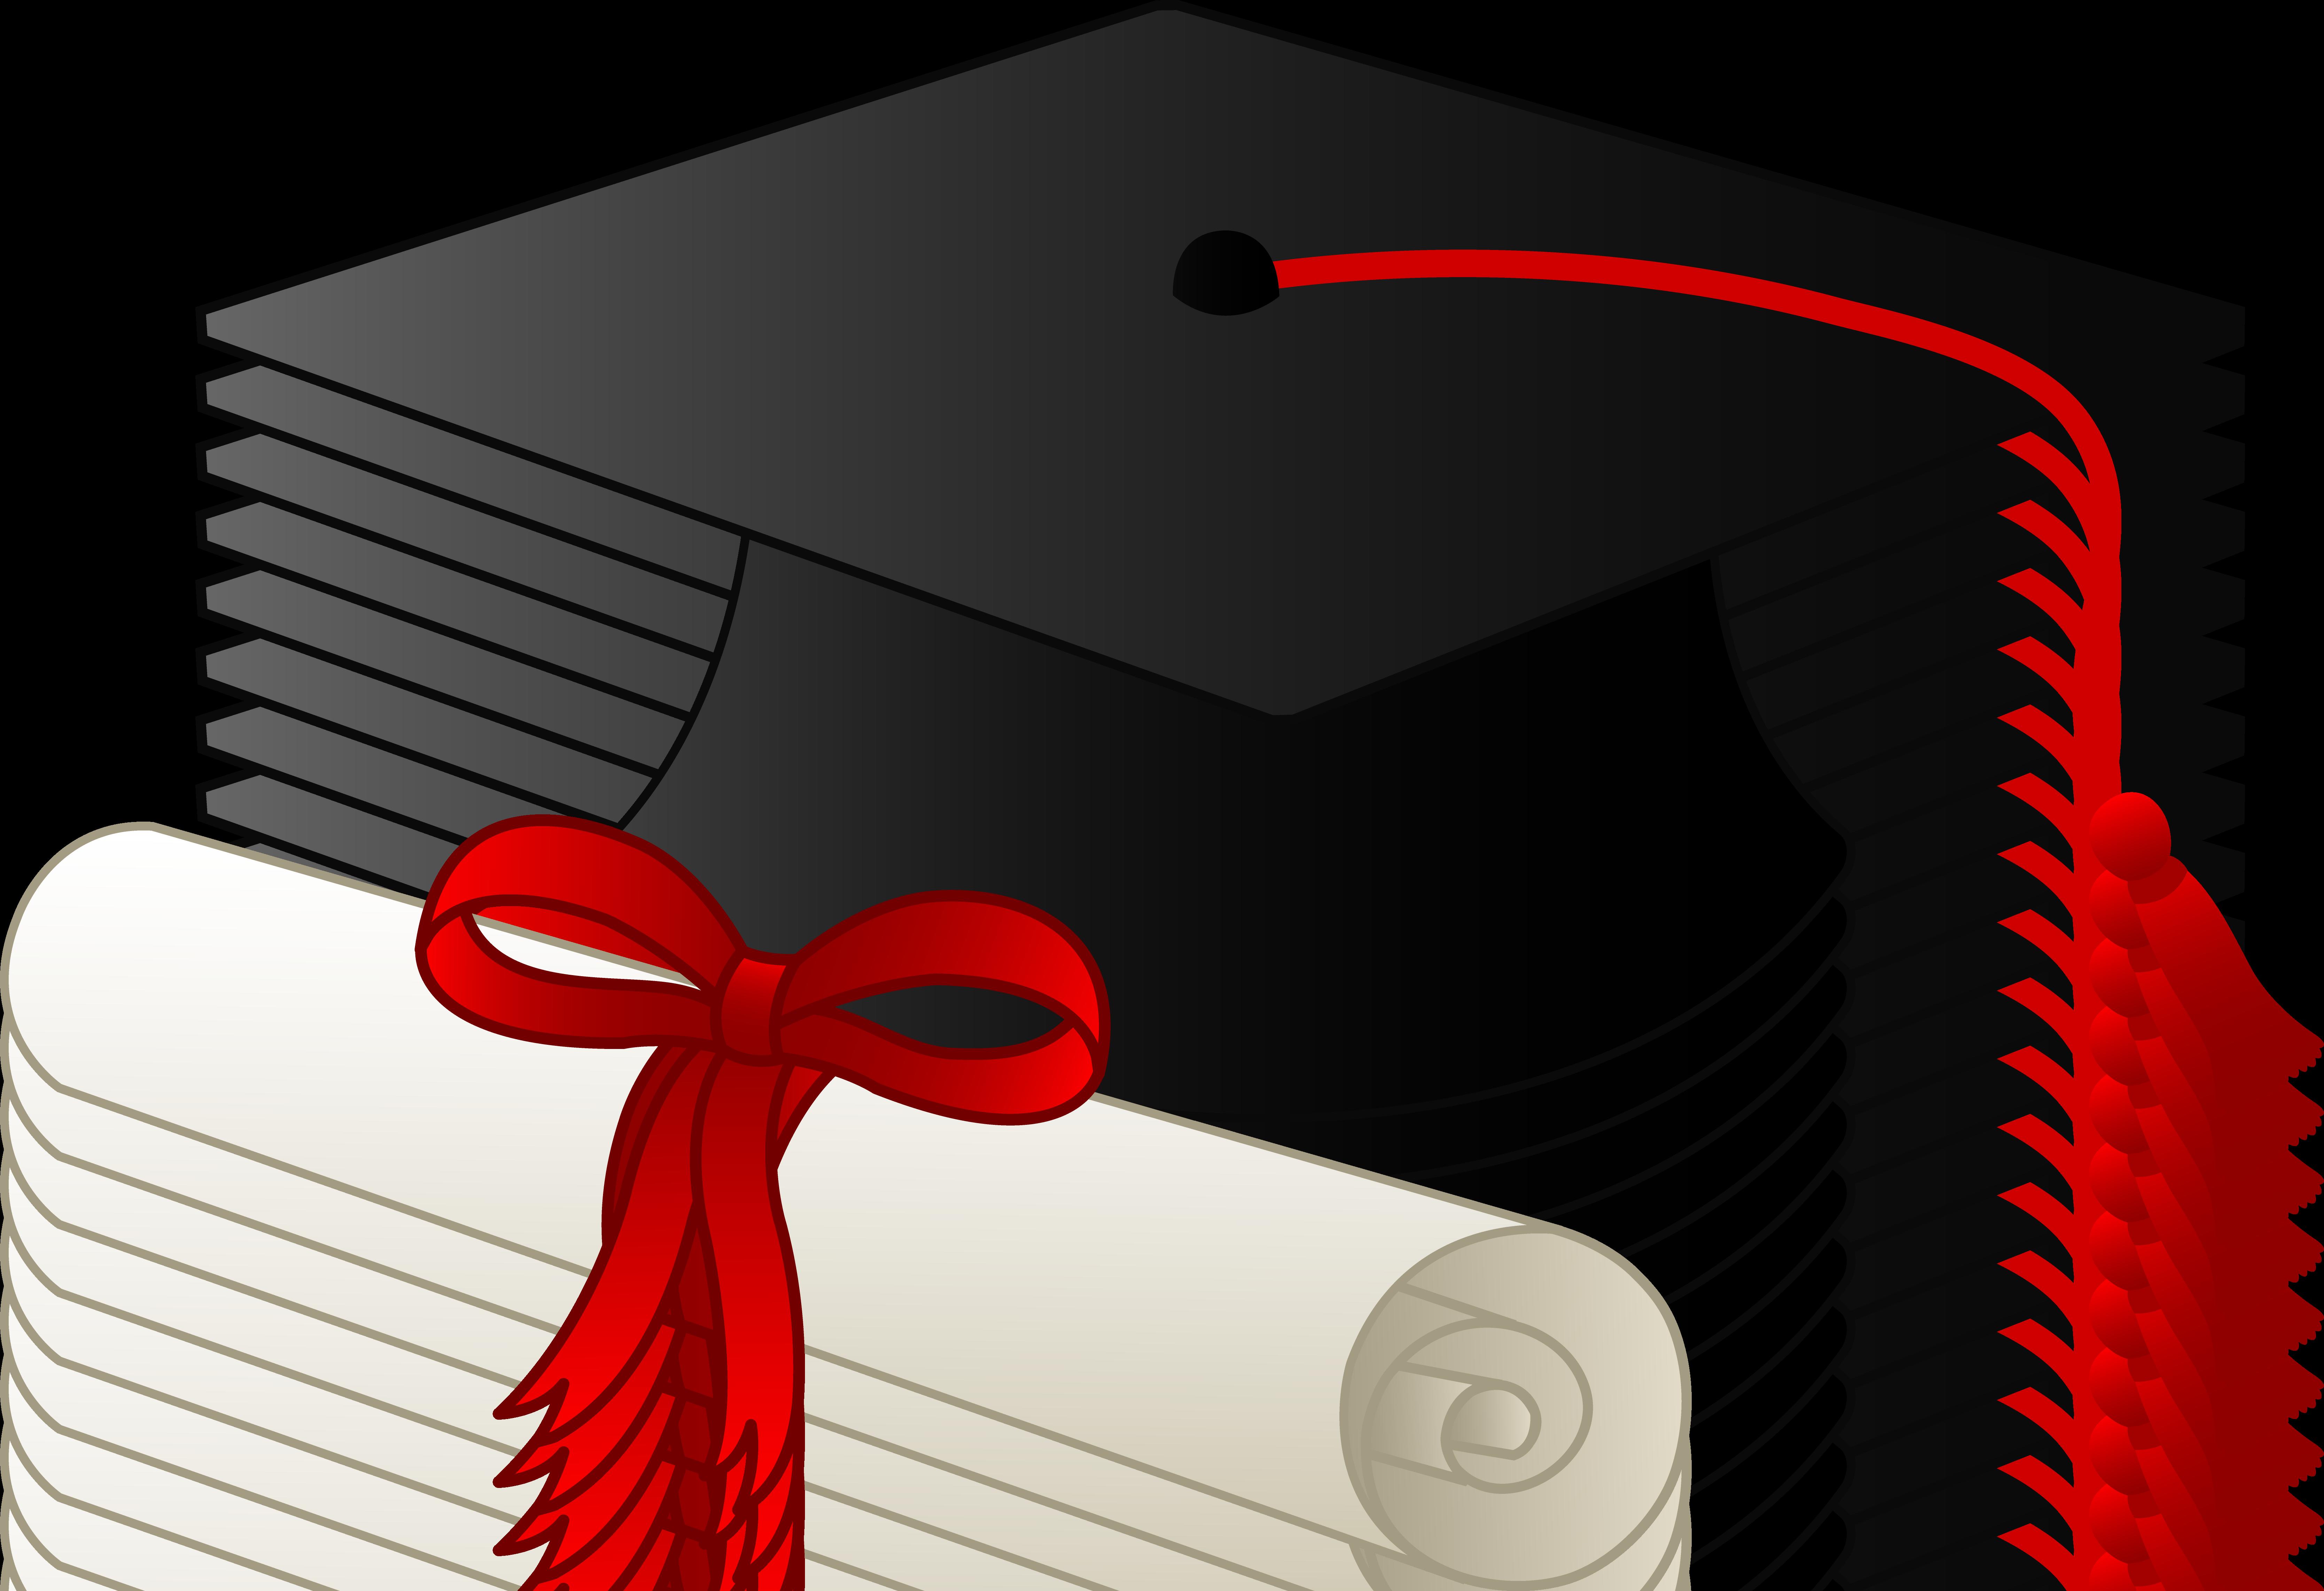 Clipart Graduation